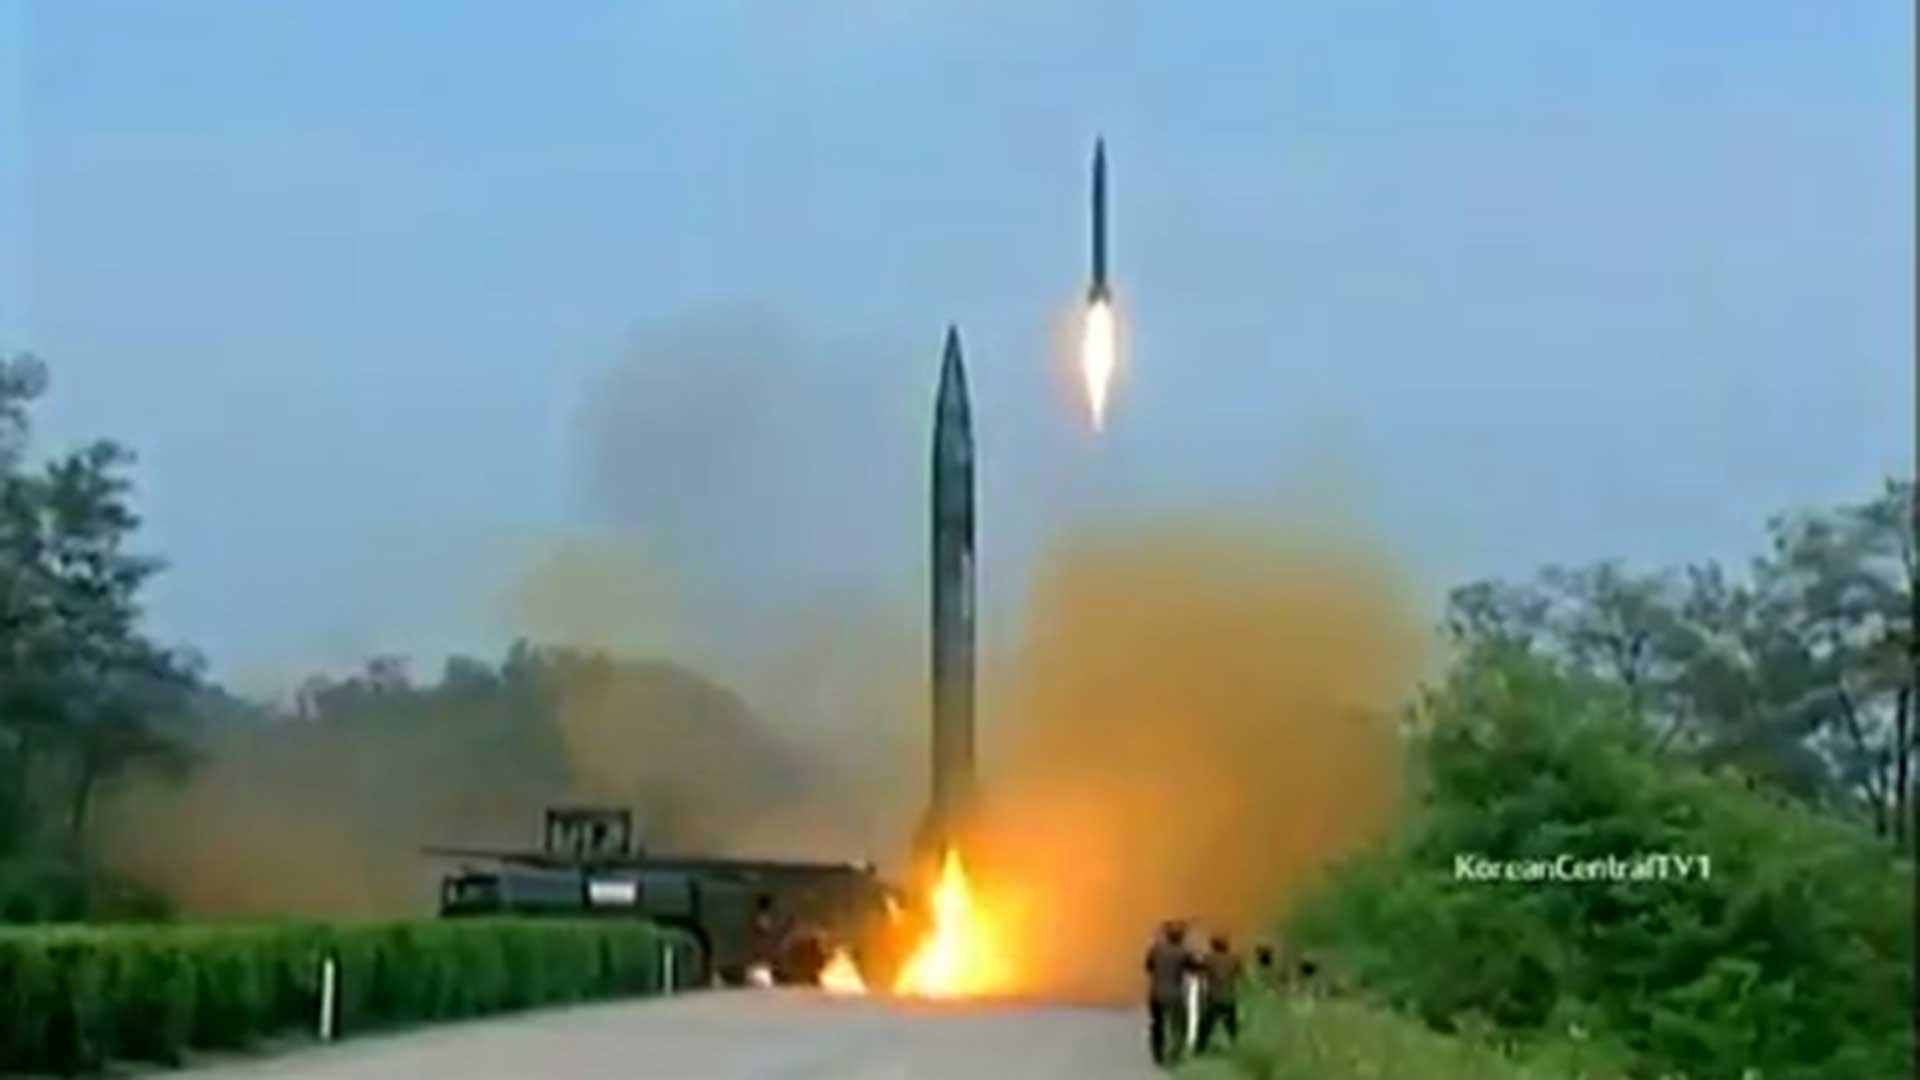 Las últimas pruebas de misiles balísticos intercontinentales (ICBM) de Corea del Norte tuvieron lugar en 2017